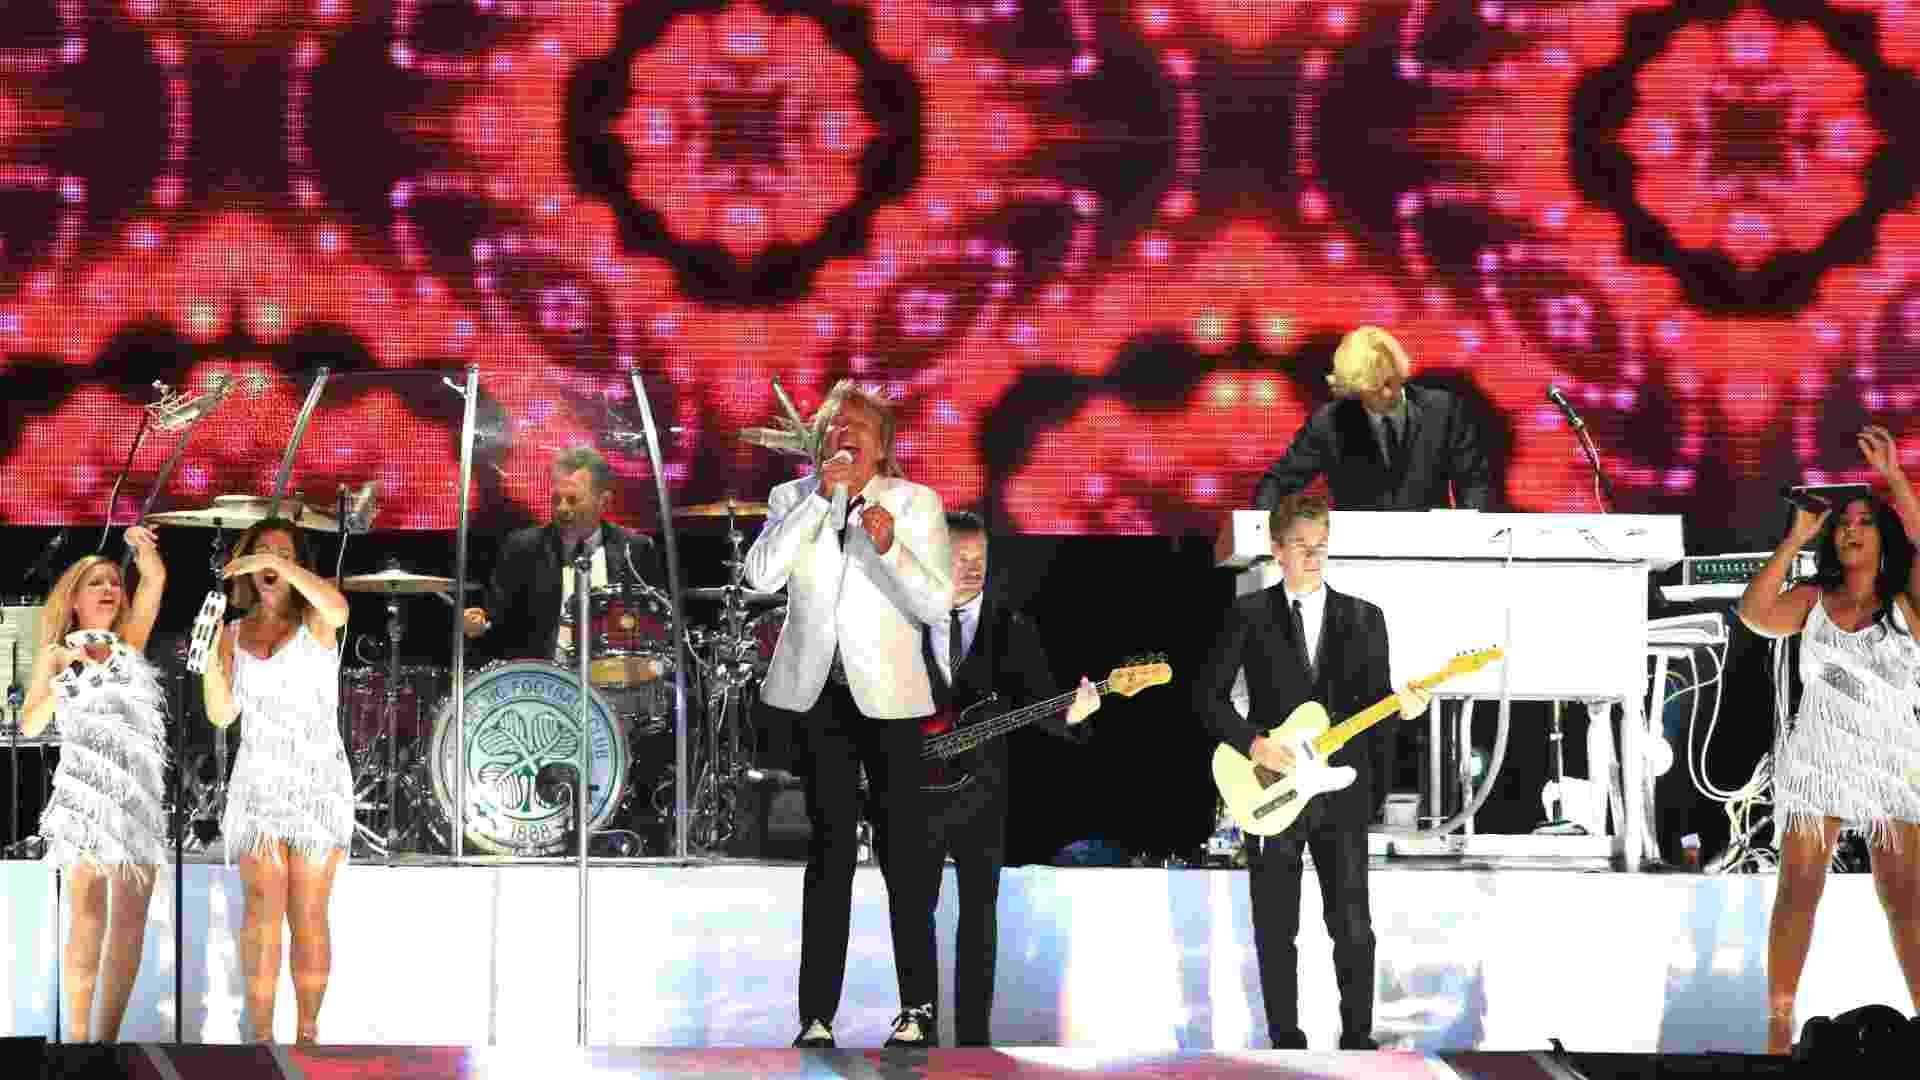 20.set.2015 - Rod Stewart se apresenta no Rock in Rio 2015, fechando as apresentações no palco Mundo do terceiro dia do festival - Marco Antonio Teixeira/UOL